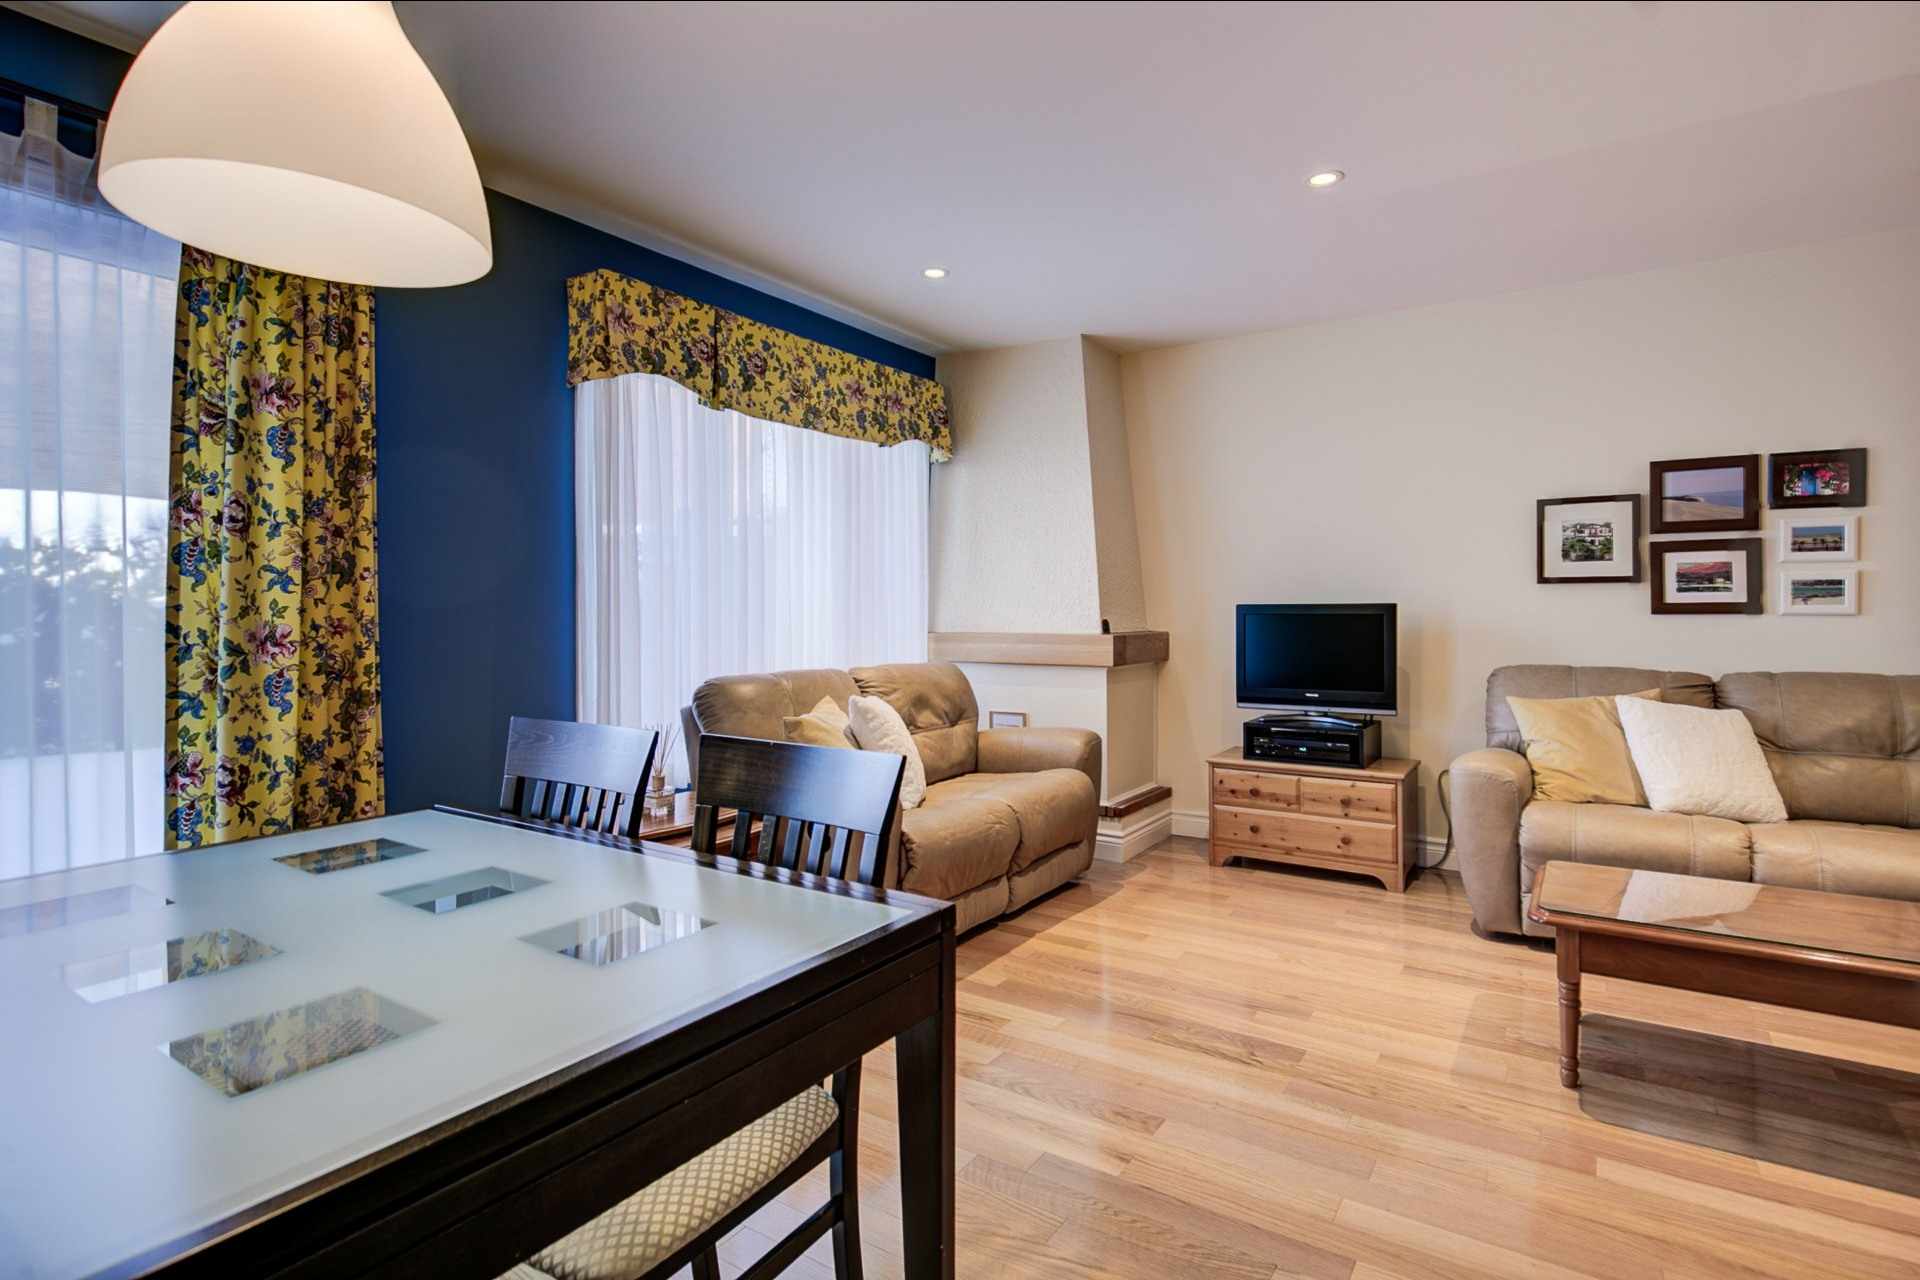 image 2 - Appartement À vendre Boucherville - 7 pièces